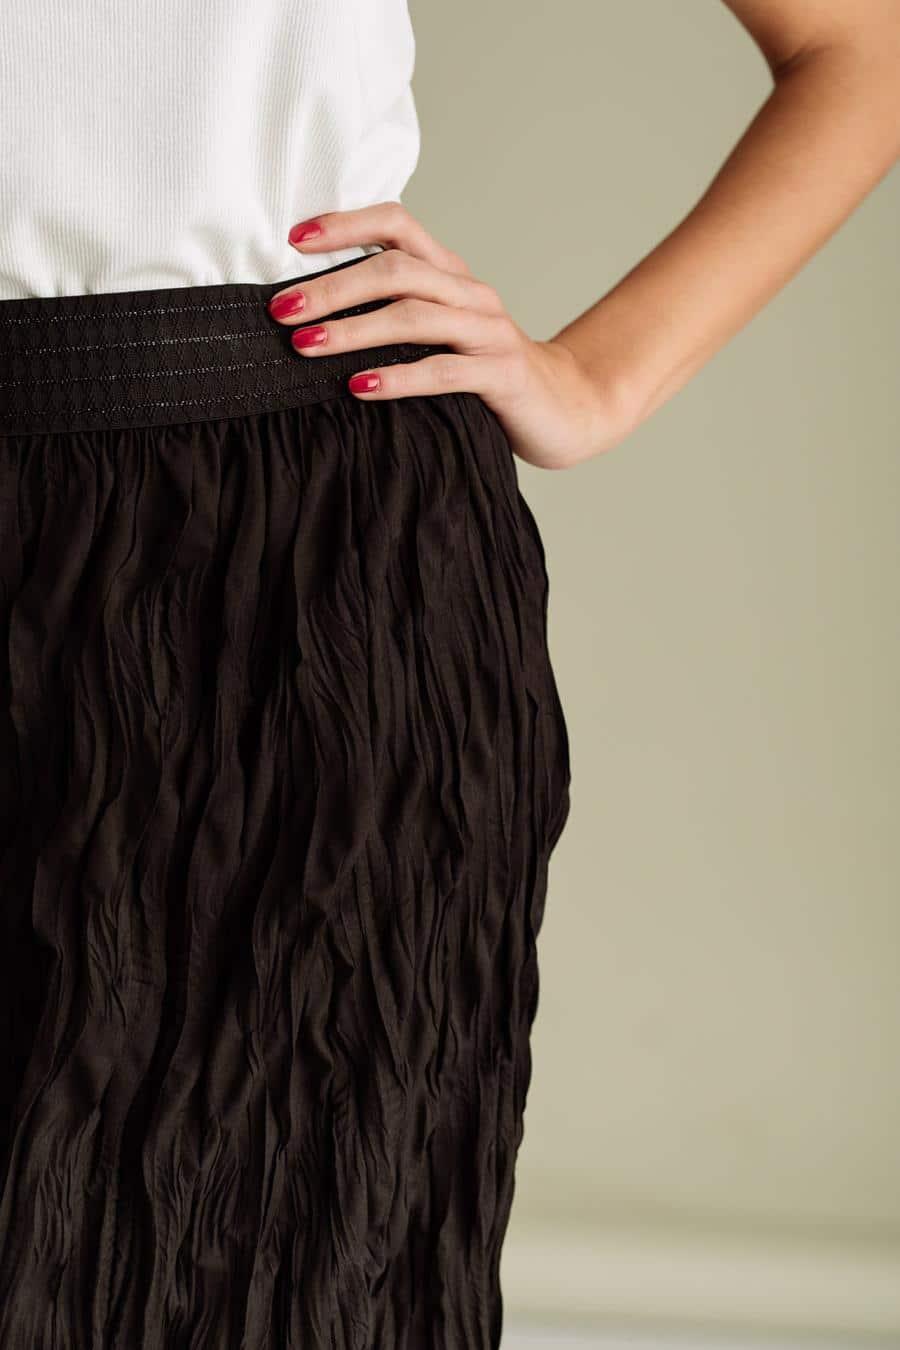 Jagger Zenska Suknja Kolekcija Prolece Leto Ss2021 Kupi Online Jg 5492 01 4 New